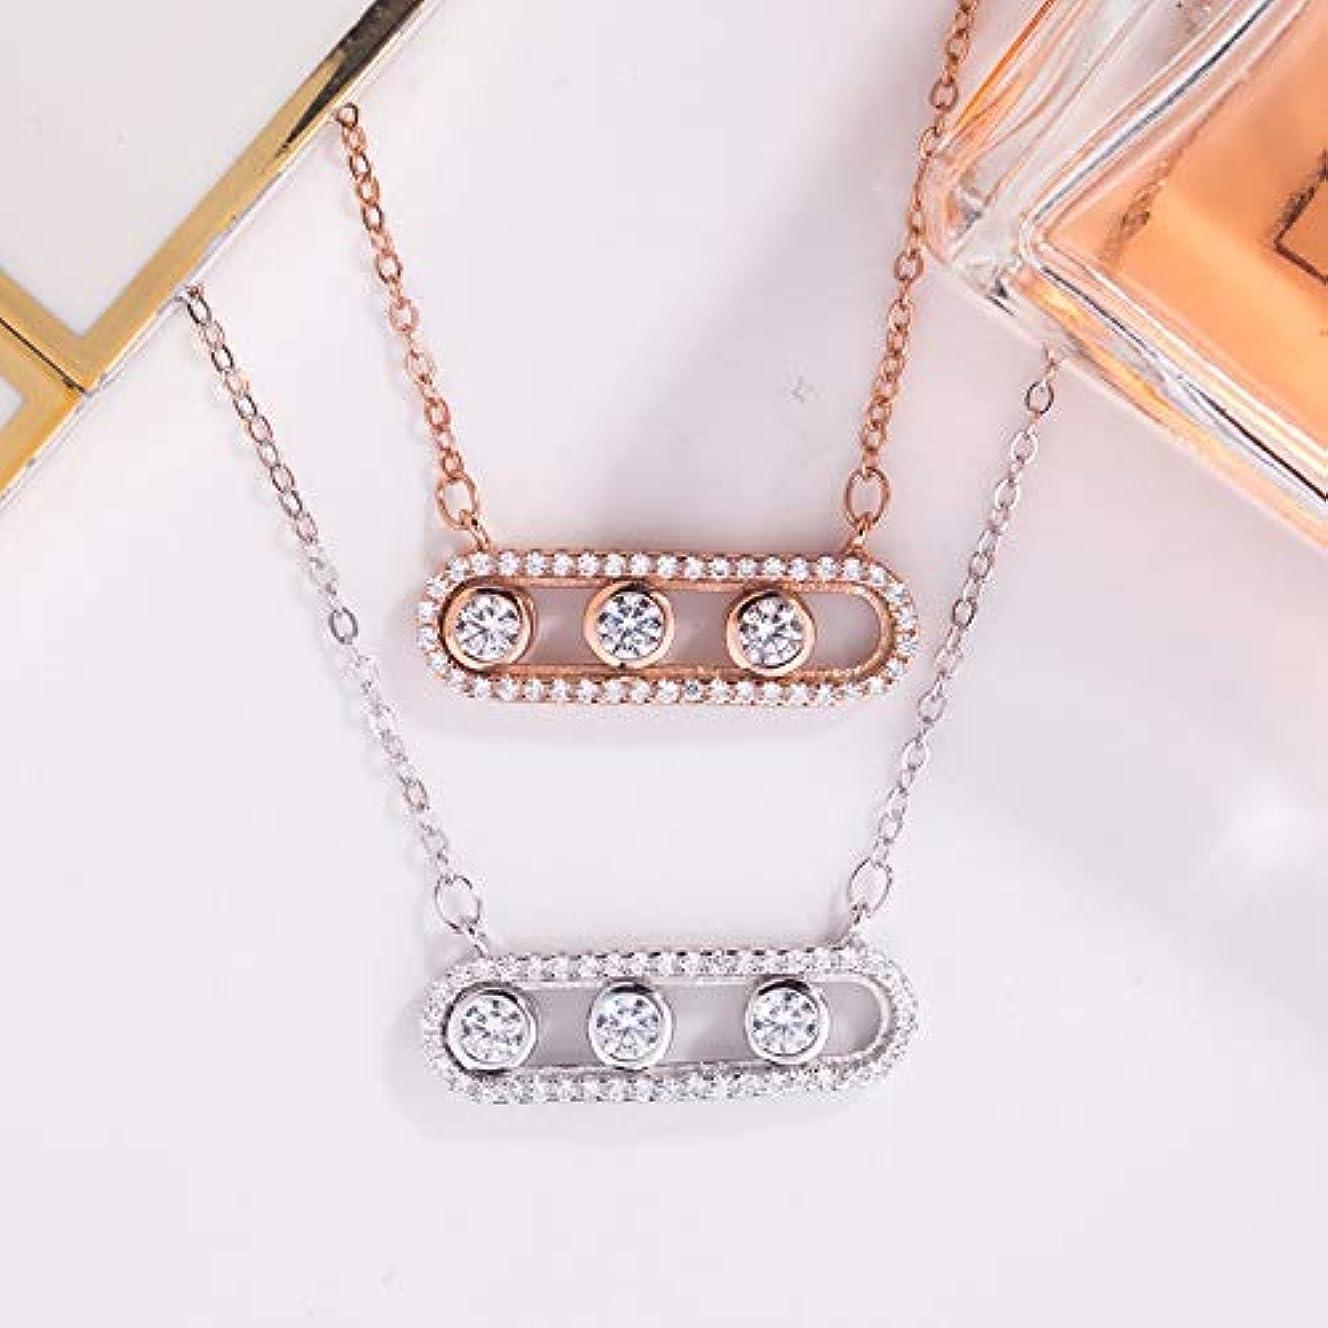 共和党年ハリウッドHVTKLN 3つのダイヤモンドのペンダントの宝石日本と韓国の創造的なマイクロパヴェの学生を回転925純銀製のネックレスさんシルバー HVTKLN (Color : White Golden, Size : 21X50CM)